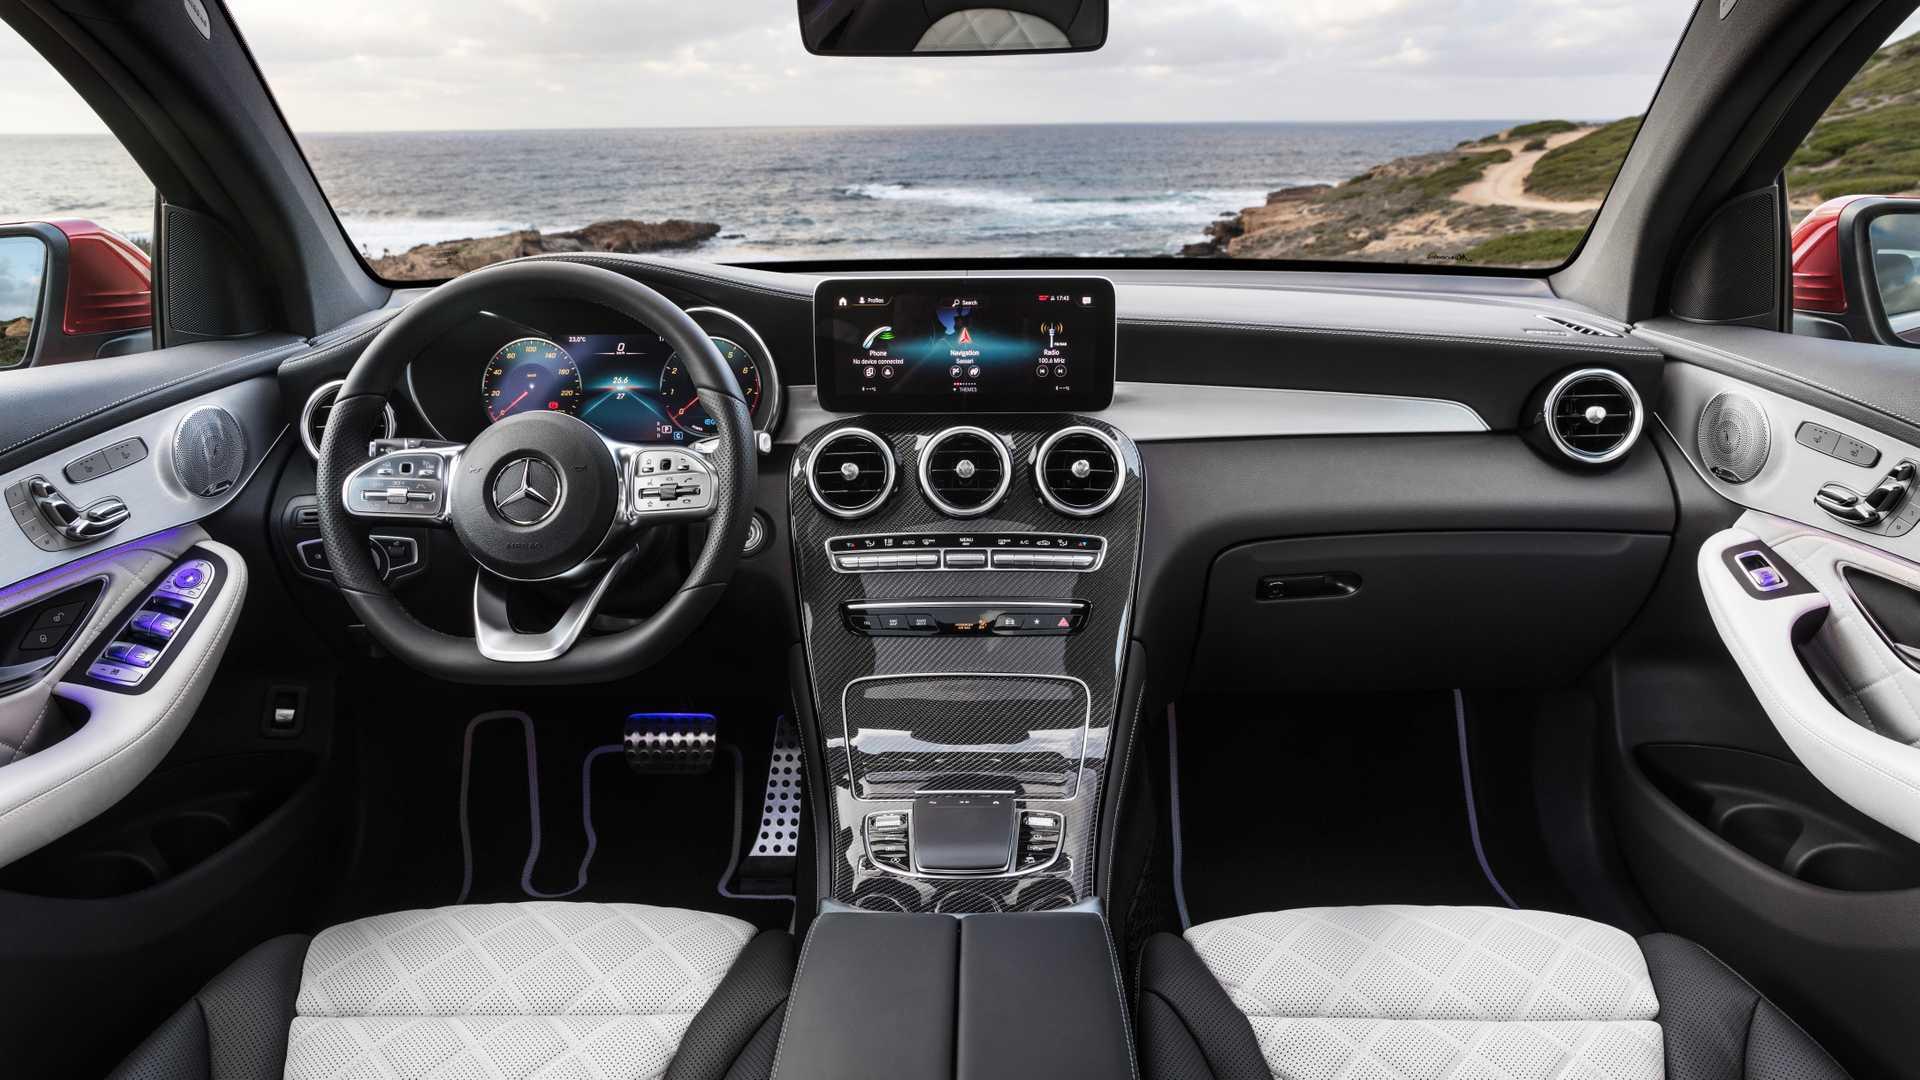 Mercedes Glc Coupe 2019 Interior 05